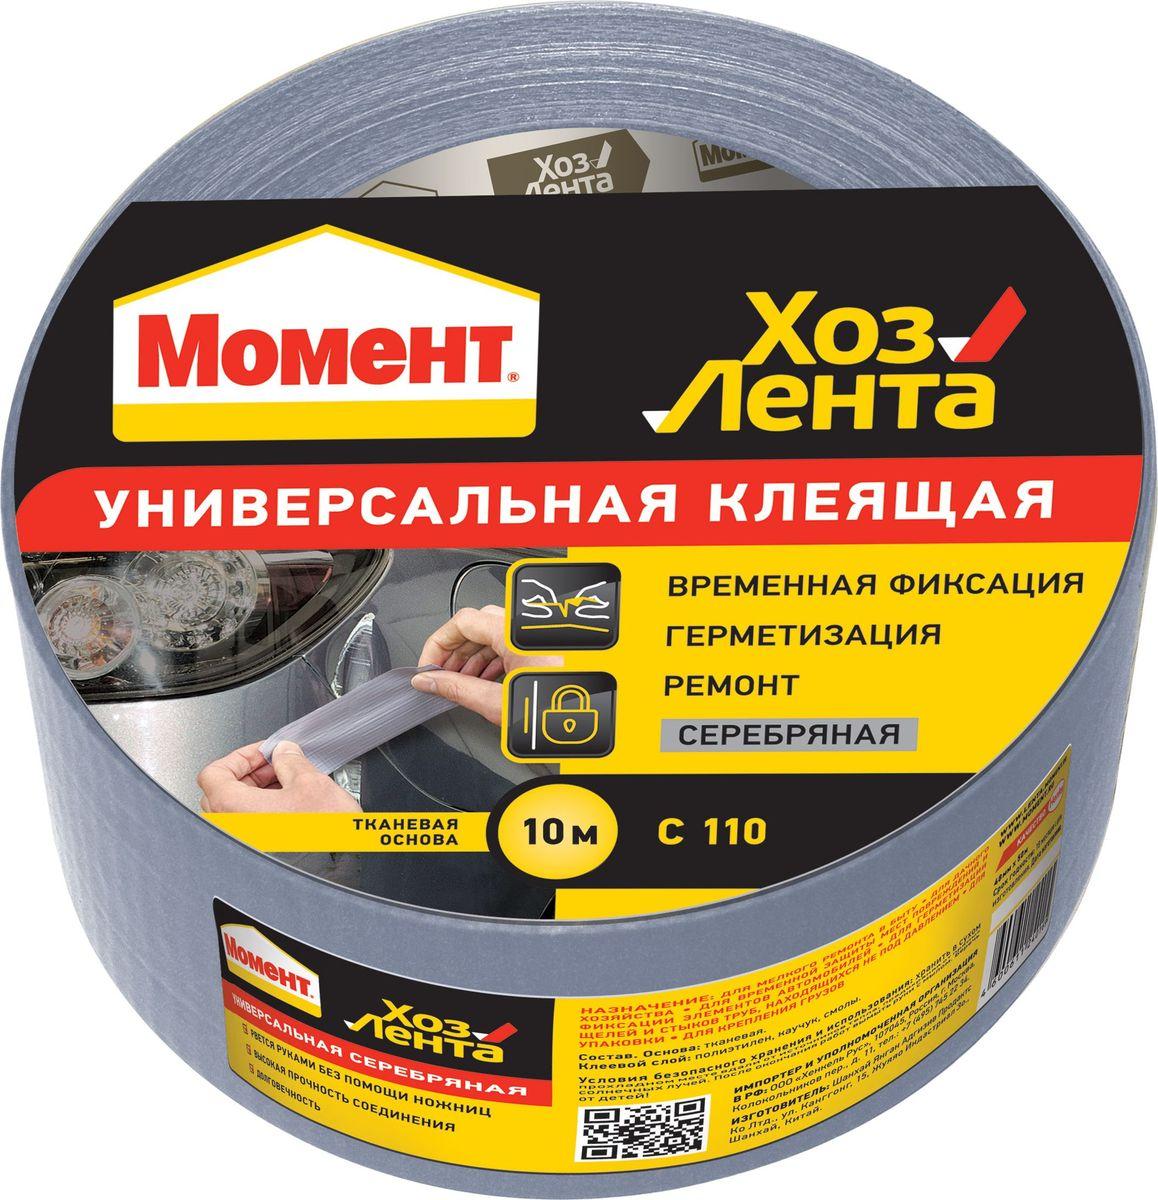 Лента клеящая Момент ХозЛента, универсальная, цвет: серебристый, 10 м1161082Универсальная липкая лента Момент ХозЛента на тканевой основе отлично подходит для широкого спектра работ по временному ремонту, герметизации и фиксации. Предназначена для мелкого ремонта в быту (починка инструментов, мебели, резиновых или пластмассовых шлангов), как временная защита мест повреждений кузова автомобиля, фар, фиксации любых элементов. Незаменима в дачном хозяйстве для герметизации покрывных пленок, починки садового инвентаря, временной герметизации водостоков и т. д. Применяется в системах кондиционирования, вентиляции, водоснабжения, отопления: для обмотки труб, для герметизации щелей и стыков труб, находящихся не под давлением. Приклеивается к различным основам, например, камню, бетону, дереву, пластмассе, металлу, стеклу, любым гладким и окрашенным поверхностям.Особенности ленты: - Высокая прочность соединения. - Водостойкость. - Высокая теплостойкость. - Долговечность.Ширина ленты: 48 мм.